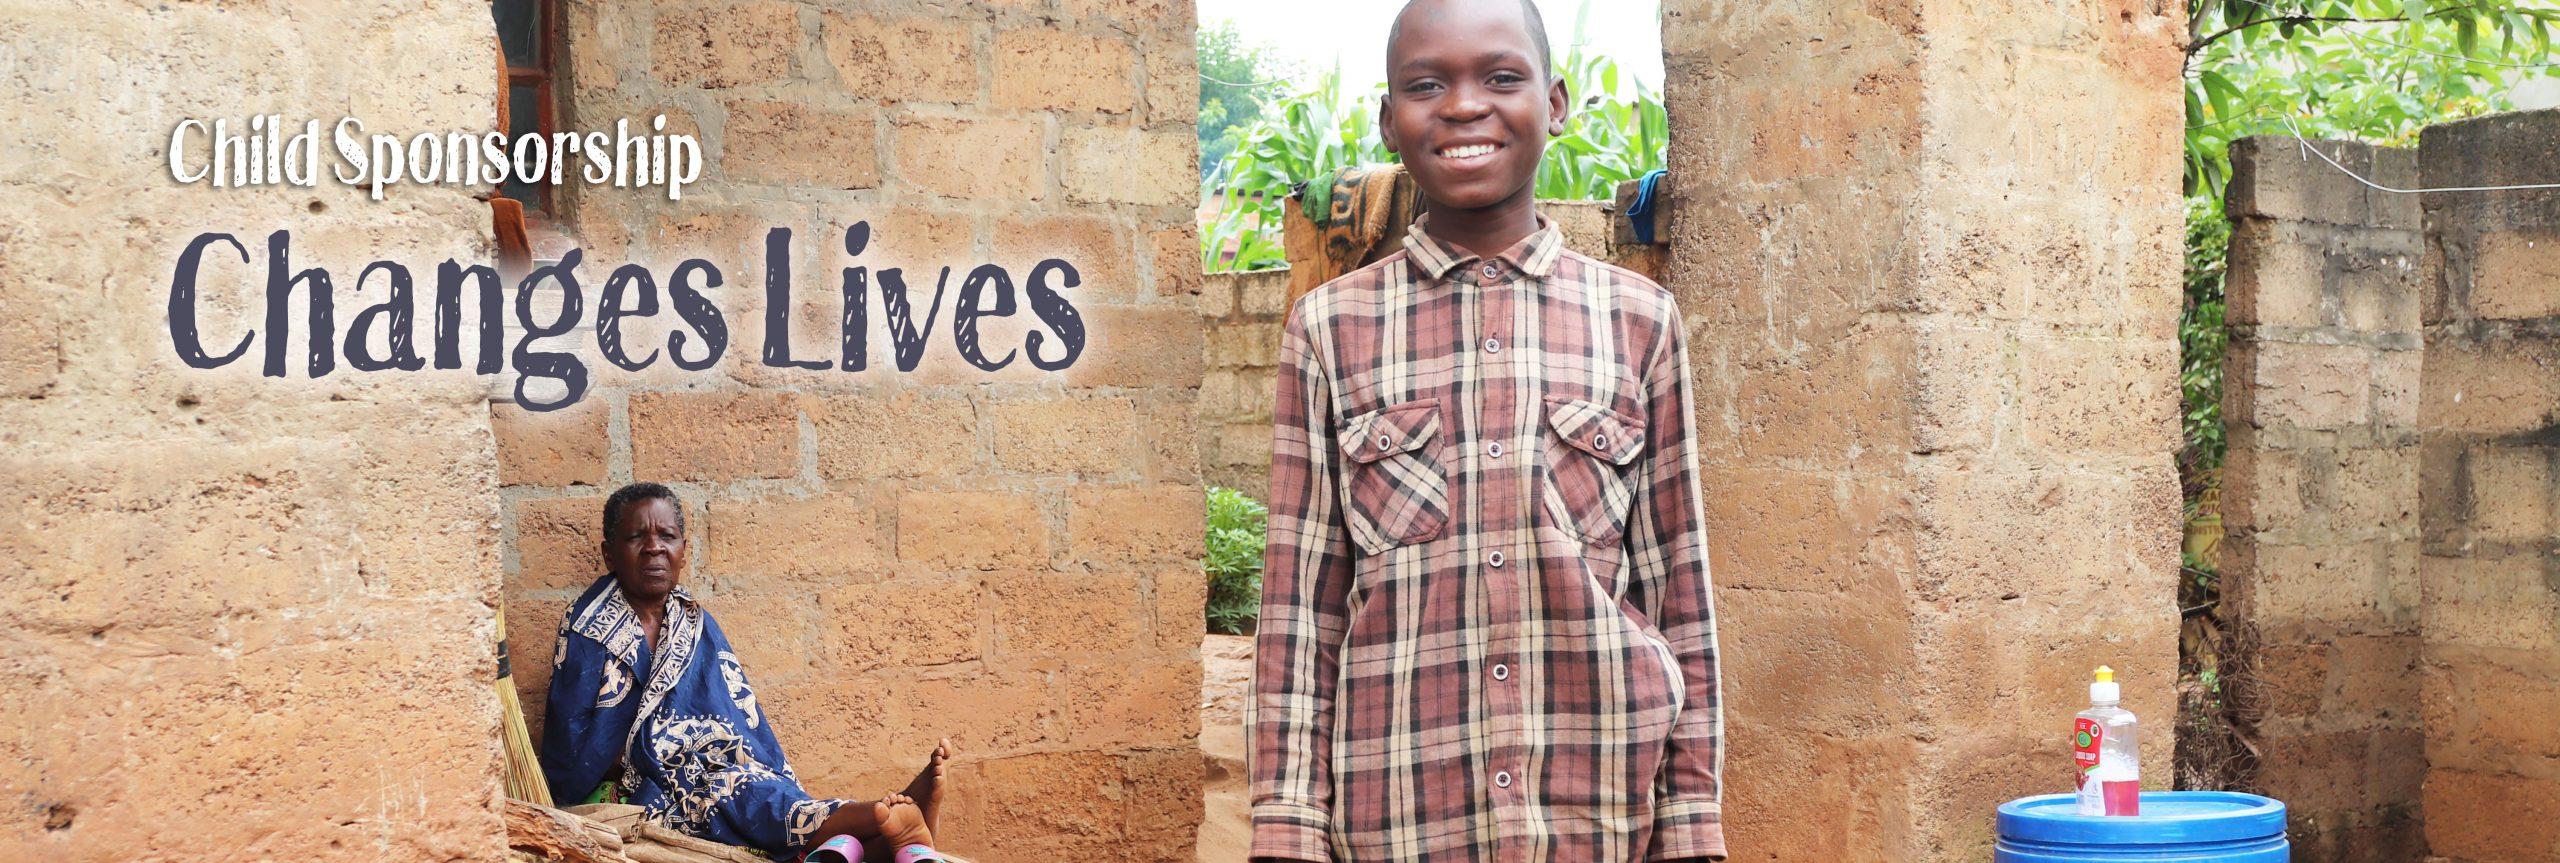 Child Sponsorship Changes Lives – Just Ask Abraham